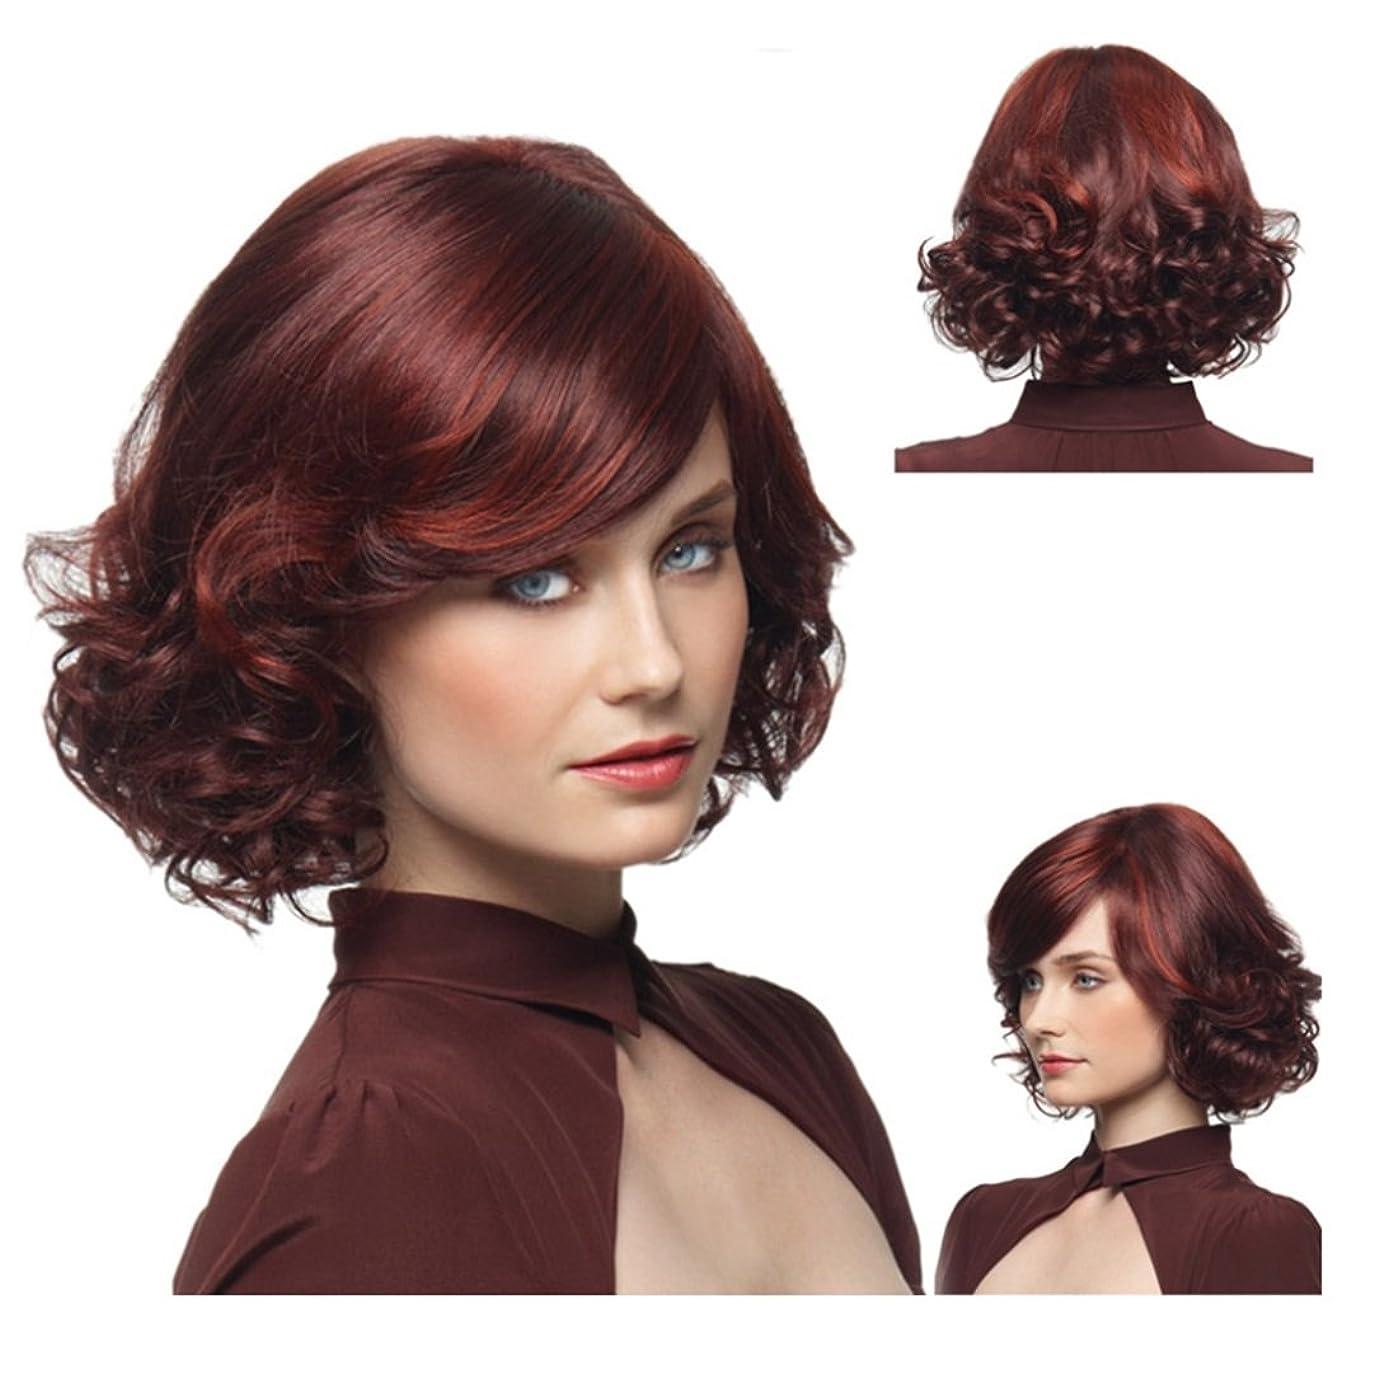 抜本的な民間ソビエトBOBIDYEE エアーエッグロール斜め前髪かつらを持つ女性のためのナシ短い巻き毛のかつら女性25cm / 220g(ワインレッド)のファッションかつら (色 : ワインレッド)